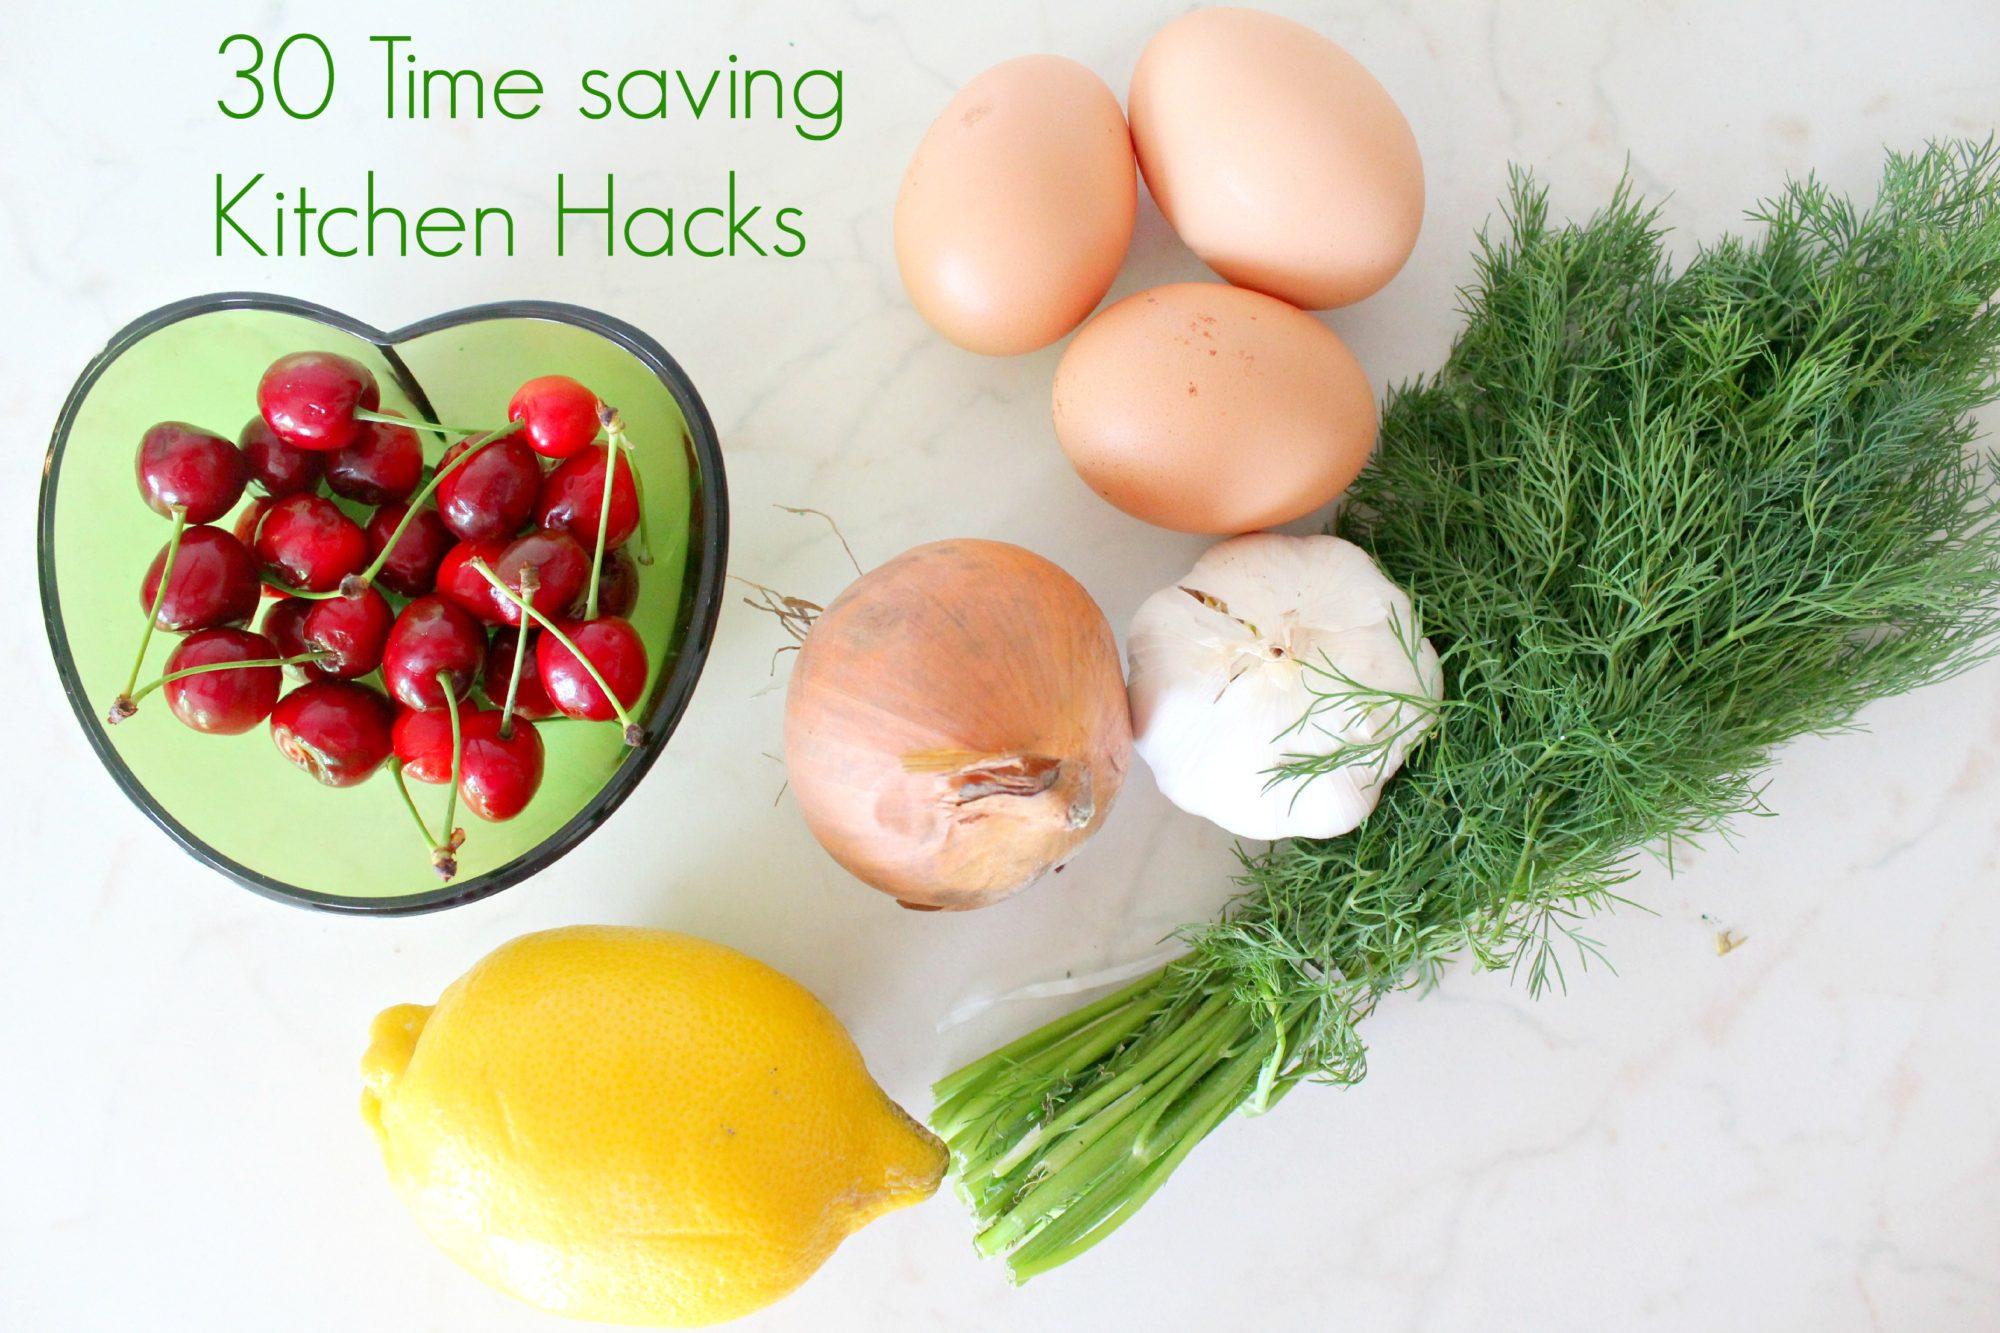 Time saving kitchen hacks